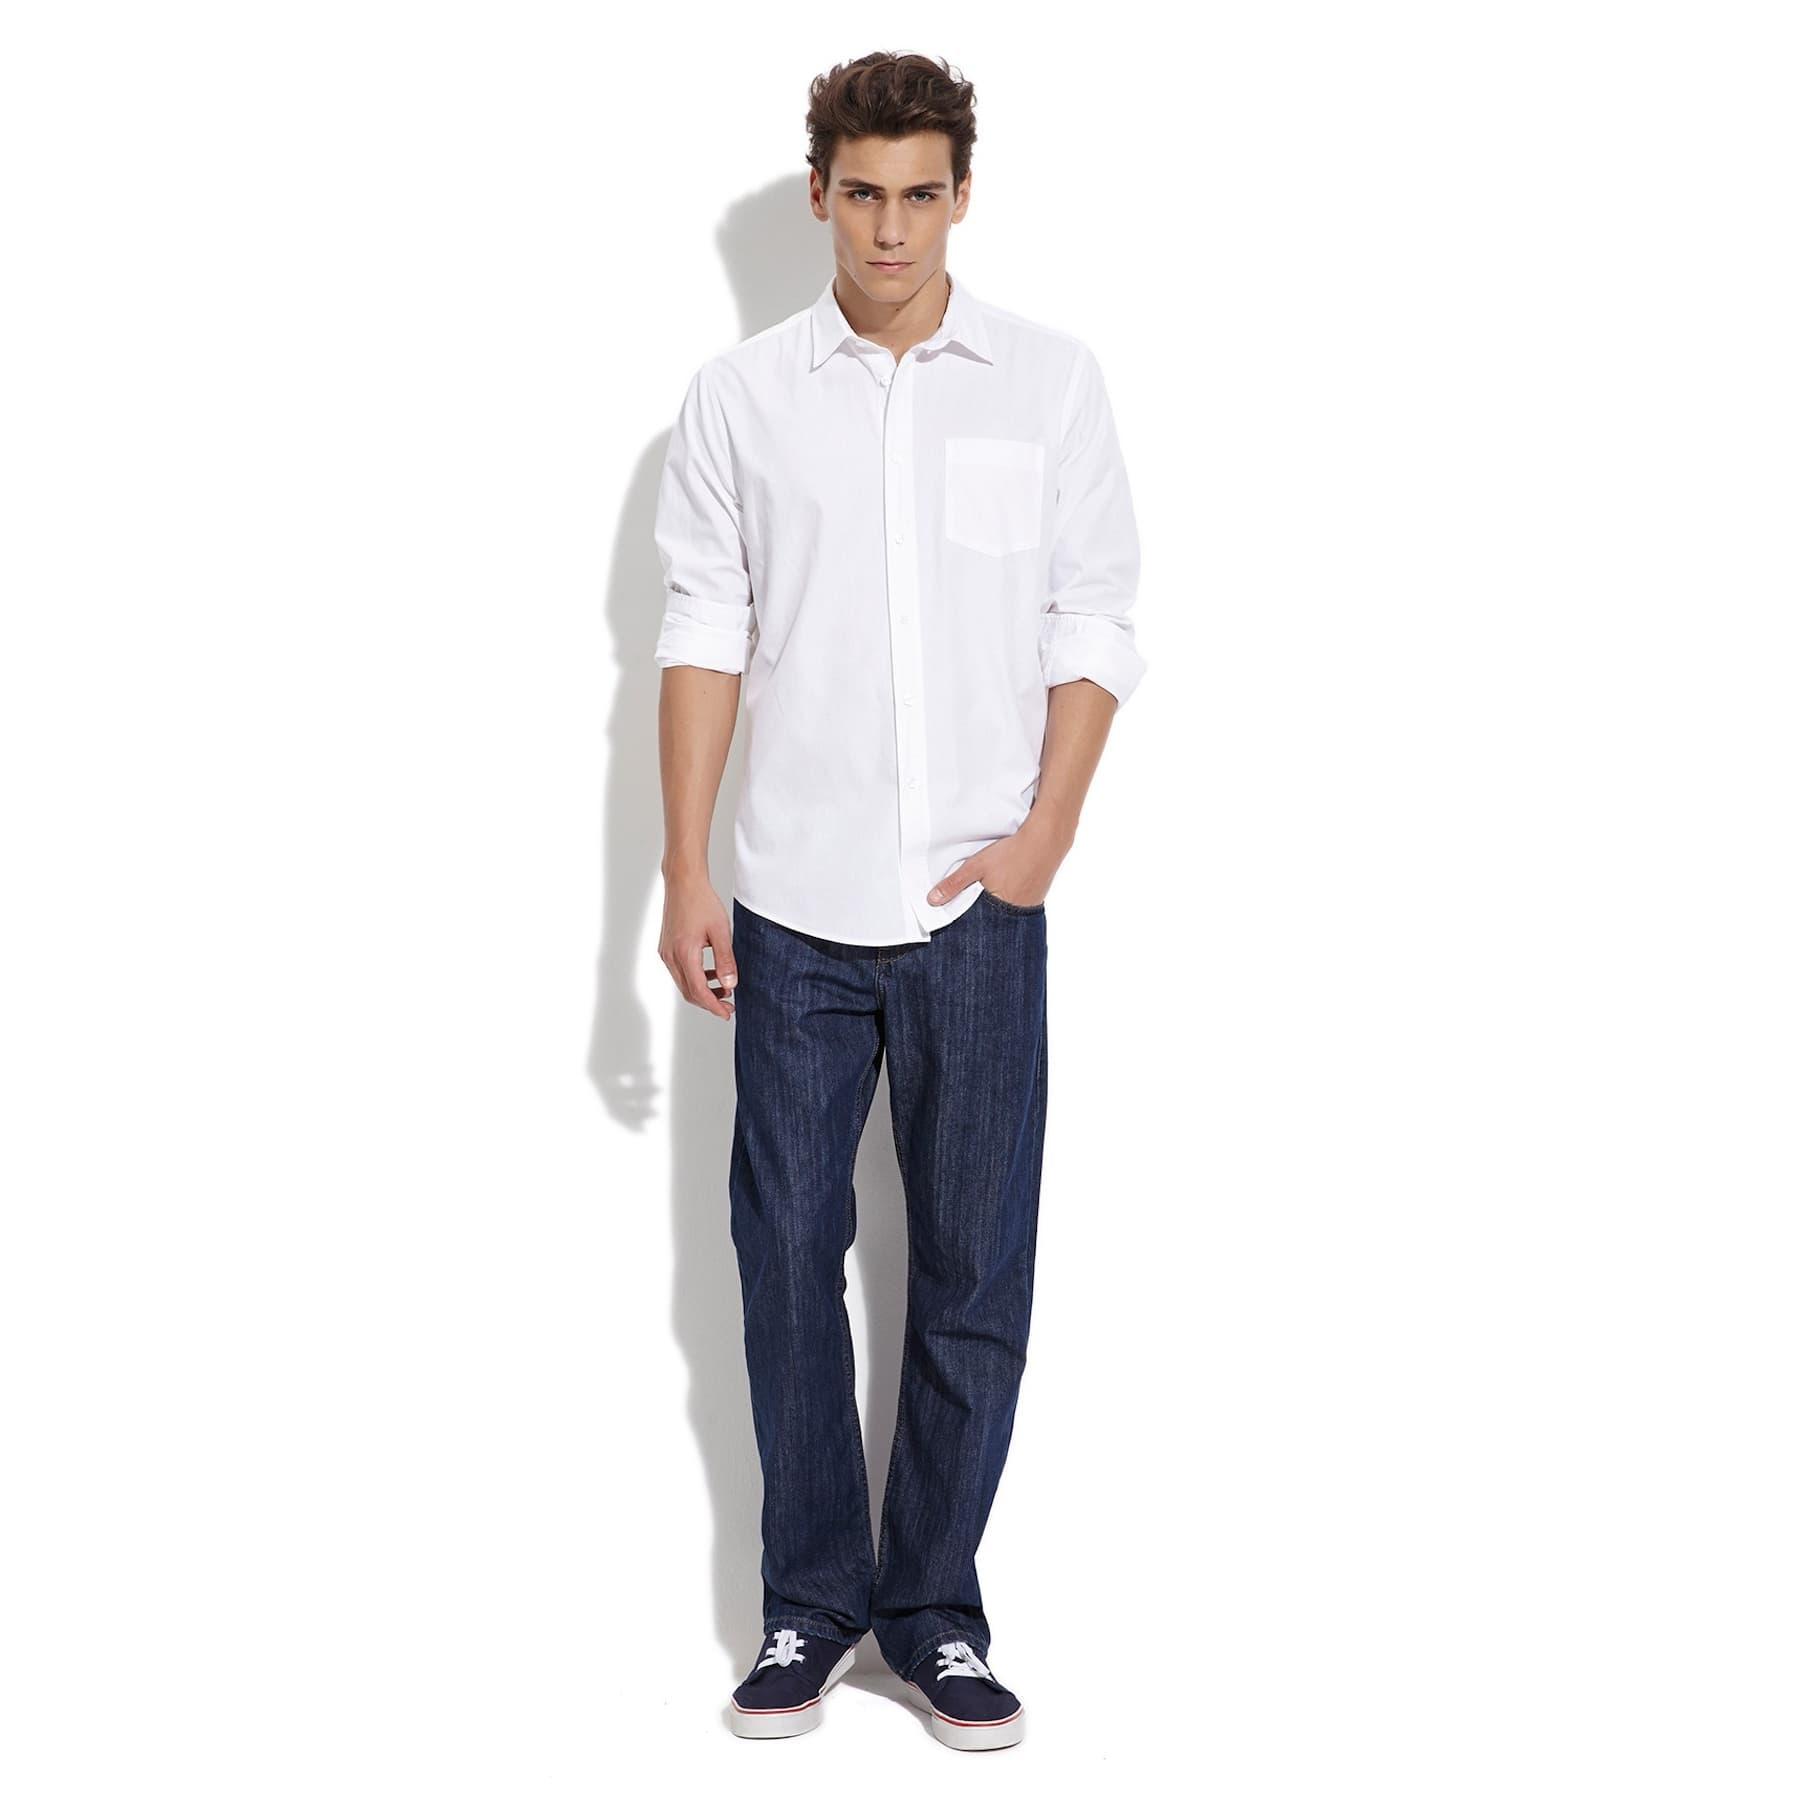 Cepli Erkek Düz Beyaz Gömlek